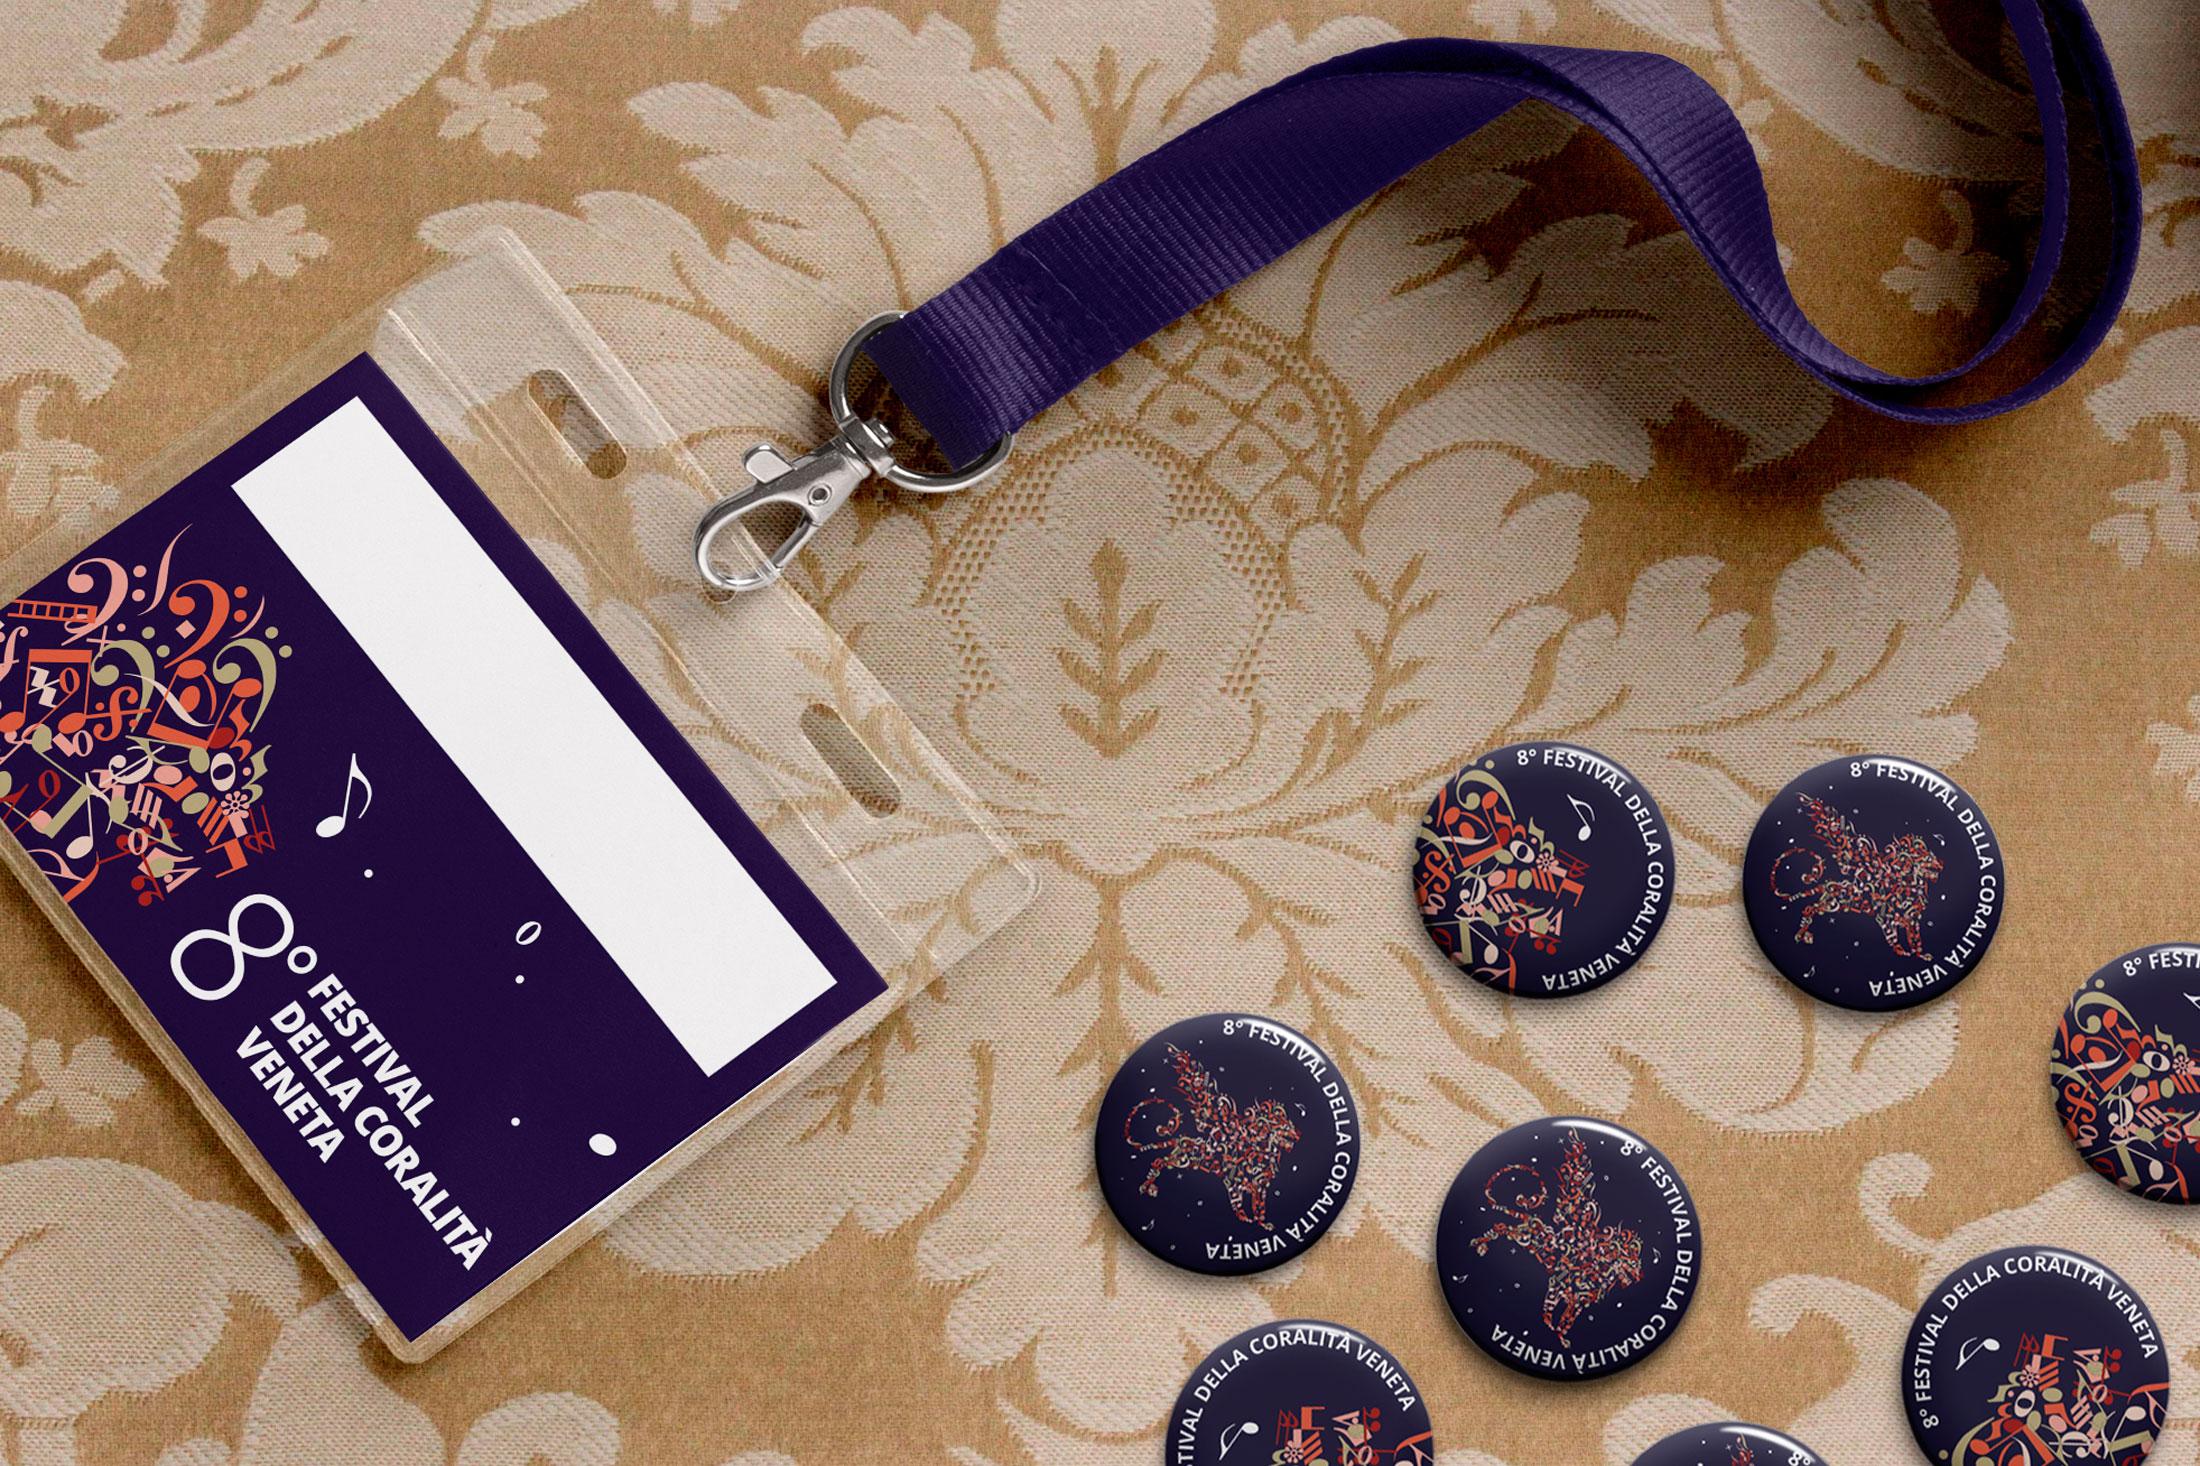 Festival della Coralità Veneta - badge, spille